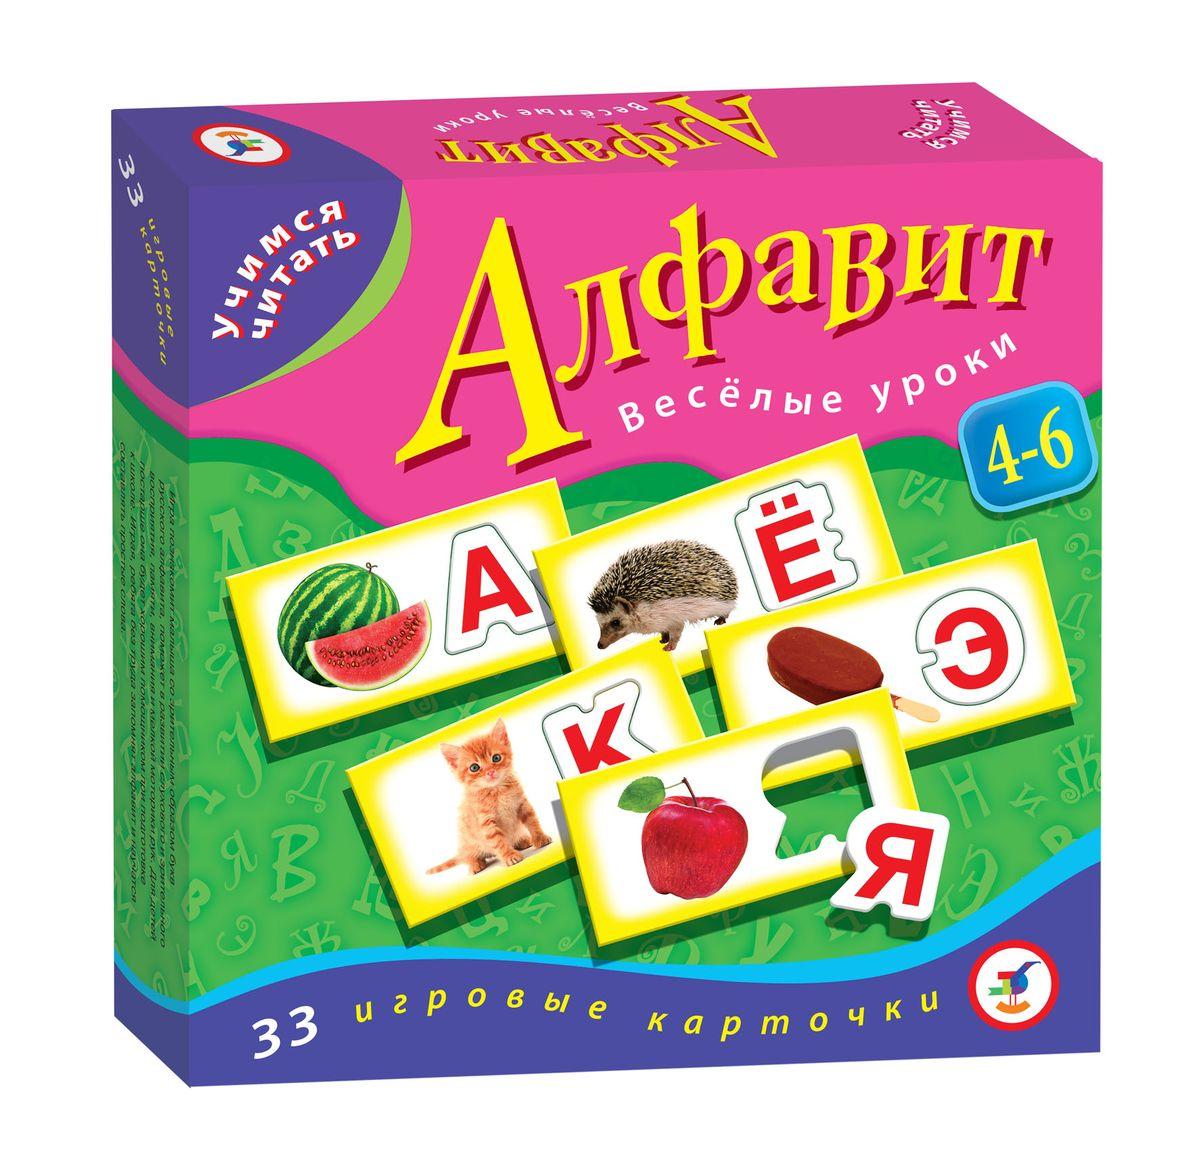 Дрофа-Медиа Обучающая игра Алфавит1082Настольная мини-игра Алфавит познакомит вашего ребенка с буквами и покажет их порядок в алфавите, а ребята постарше закрепят ранее полученные знания, научатся составлять простые слова и расширят свой словарный запас. Игровые карточки выполнены из плотного картона, а значит, прослужат не один год. Буквы вырублены по контуру, поэтому их можно использовать и в качестве трафаретов: обводя контур, малыши закрепляют в памяти зрительный образ букв, тренируются правильно держать руку при письме, что в дальнейшем пригодится им на занятиях по чистописанию. С этой игрой обучение превратится в весёлое развлечение. В набор входят 33 карточки с яркими картинками и правила игры на русском языке. Настольная игра развивает внимание, мелкую моторику рук, воспитывает самостоятельность, логическое мышление и умение оценивать свои действия.